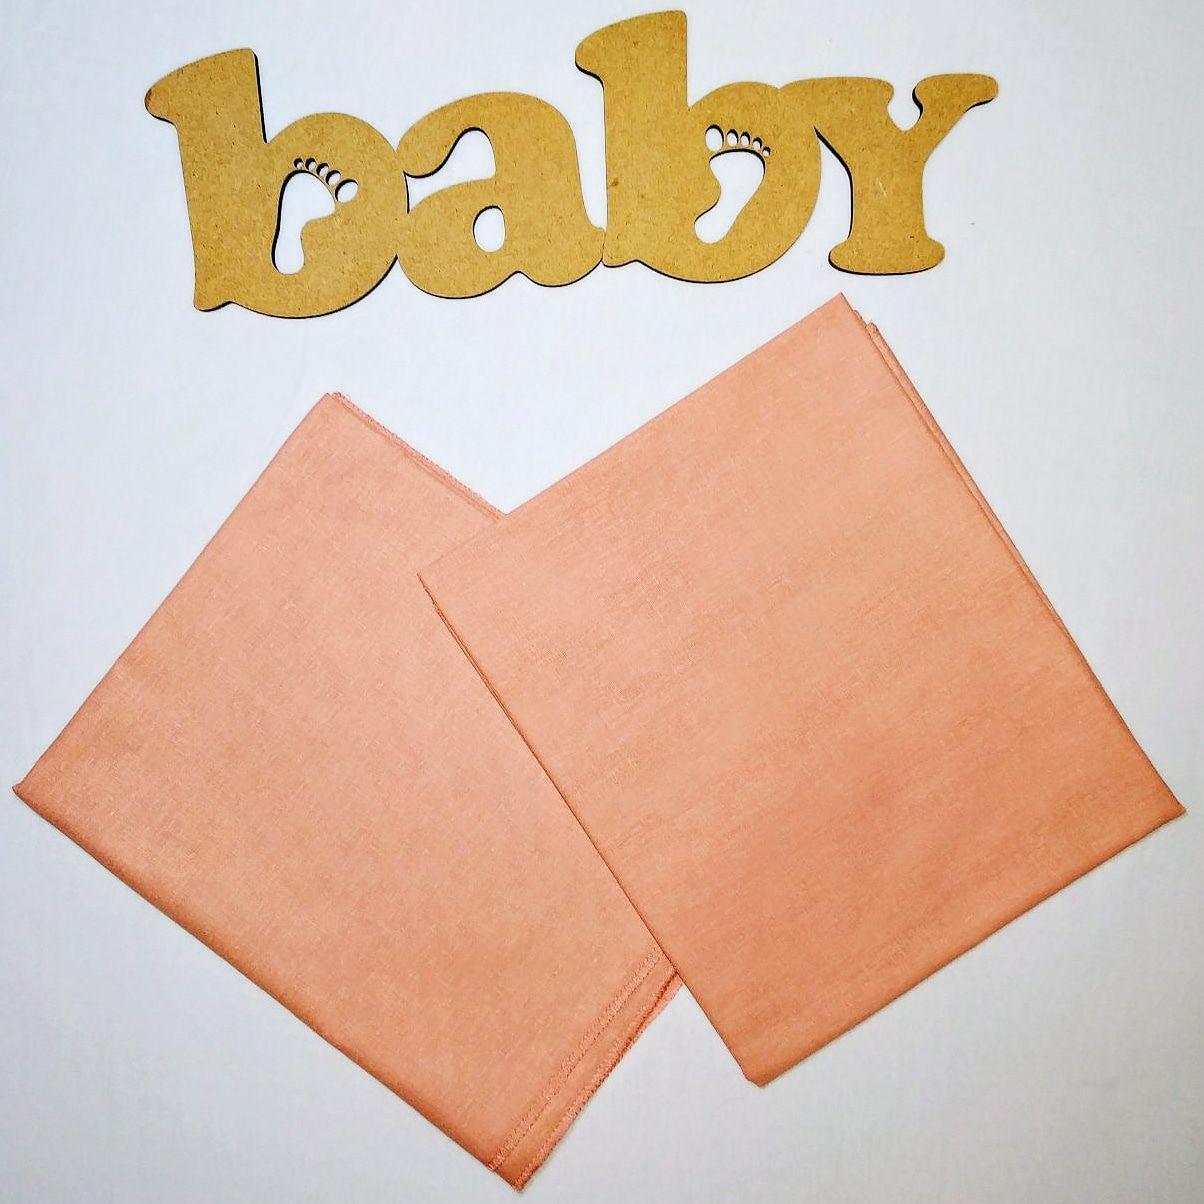 Хлопковая пеленка для новорожденных 90*110см |  Бавовняна пелюшка для новонароджених 90*110см